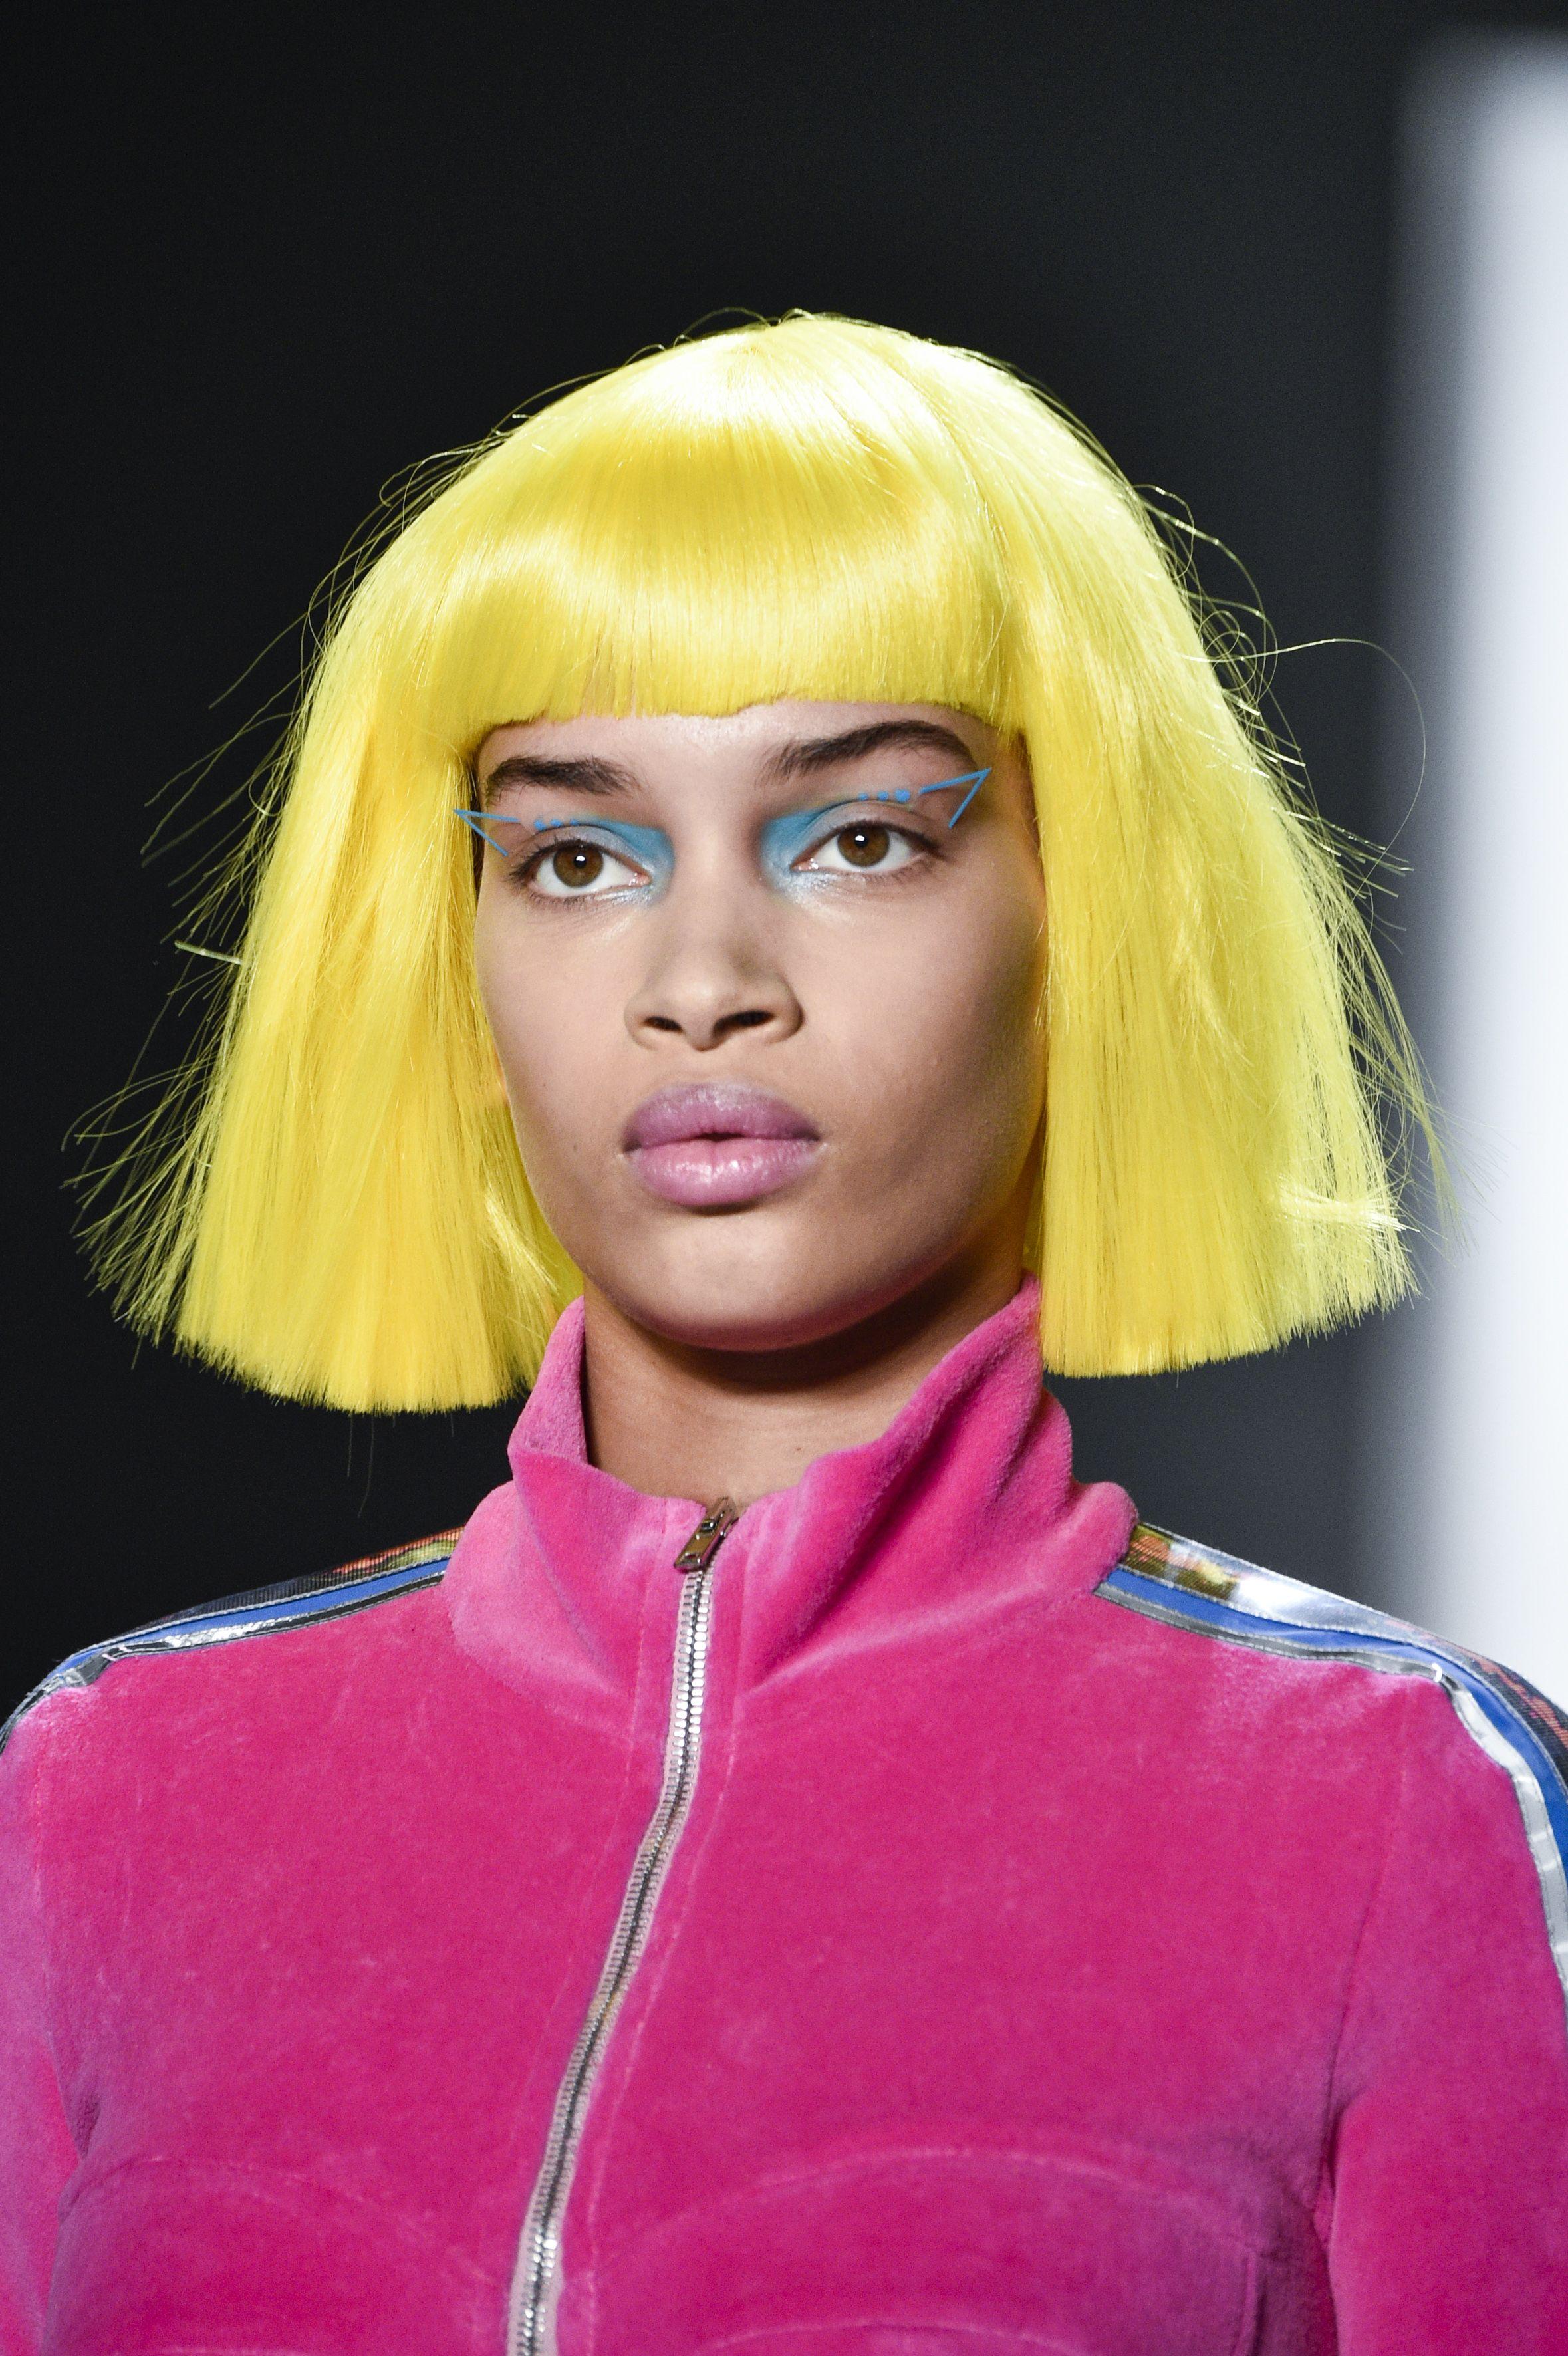 Taglio capelli bimbe 2019